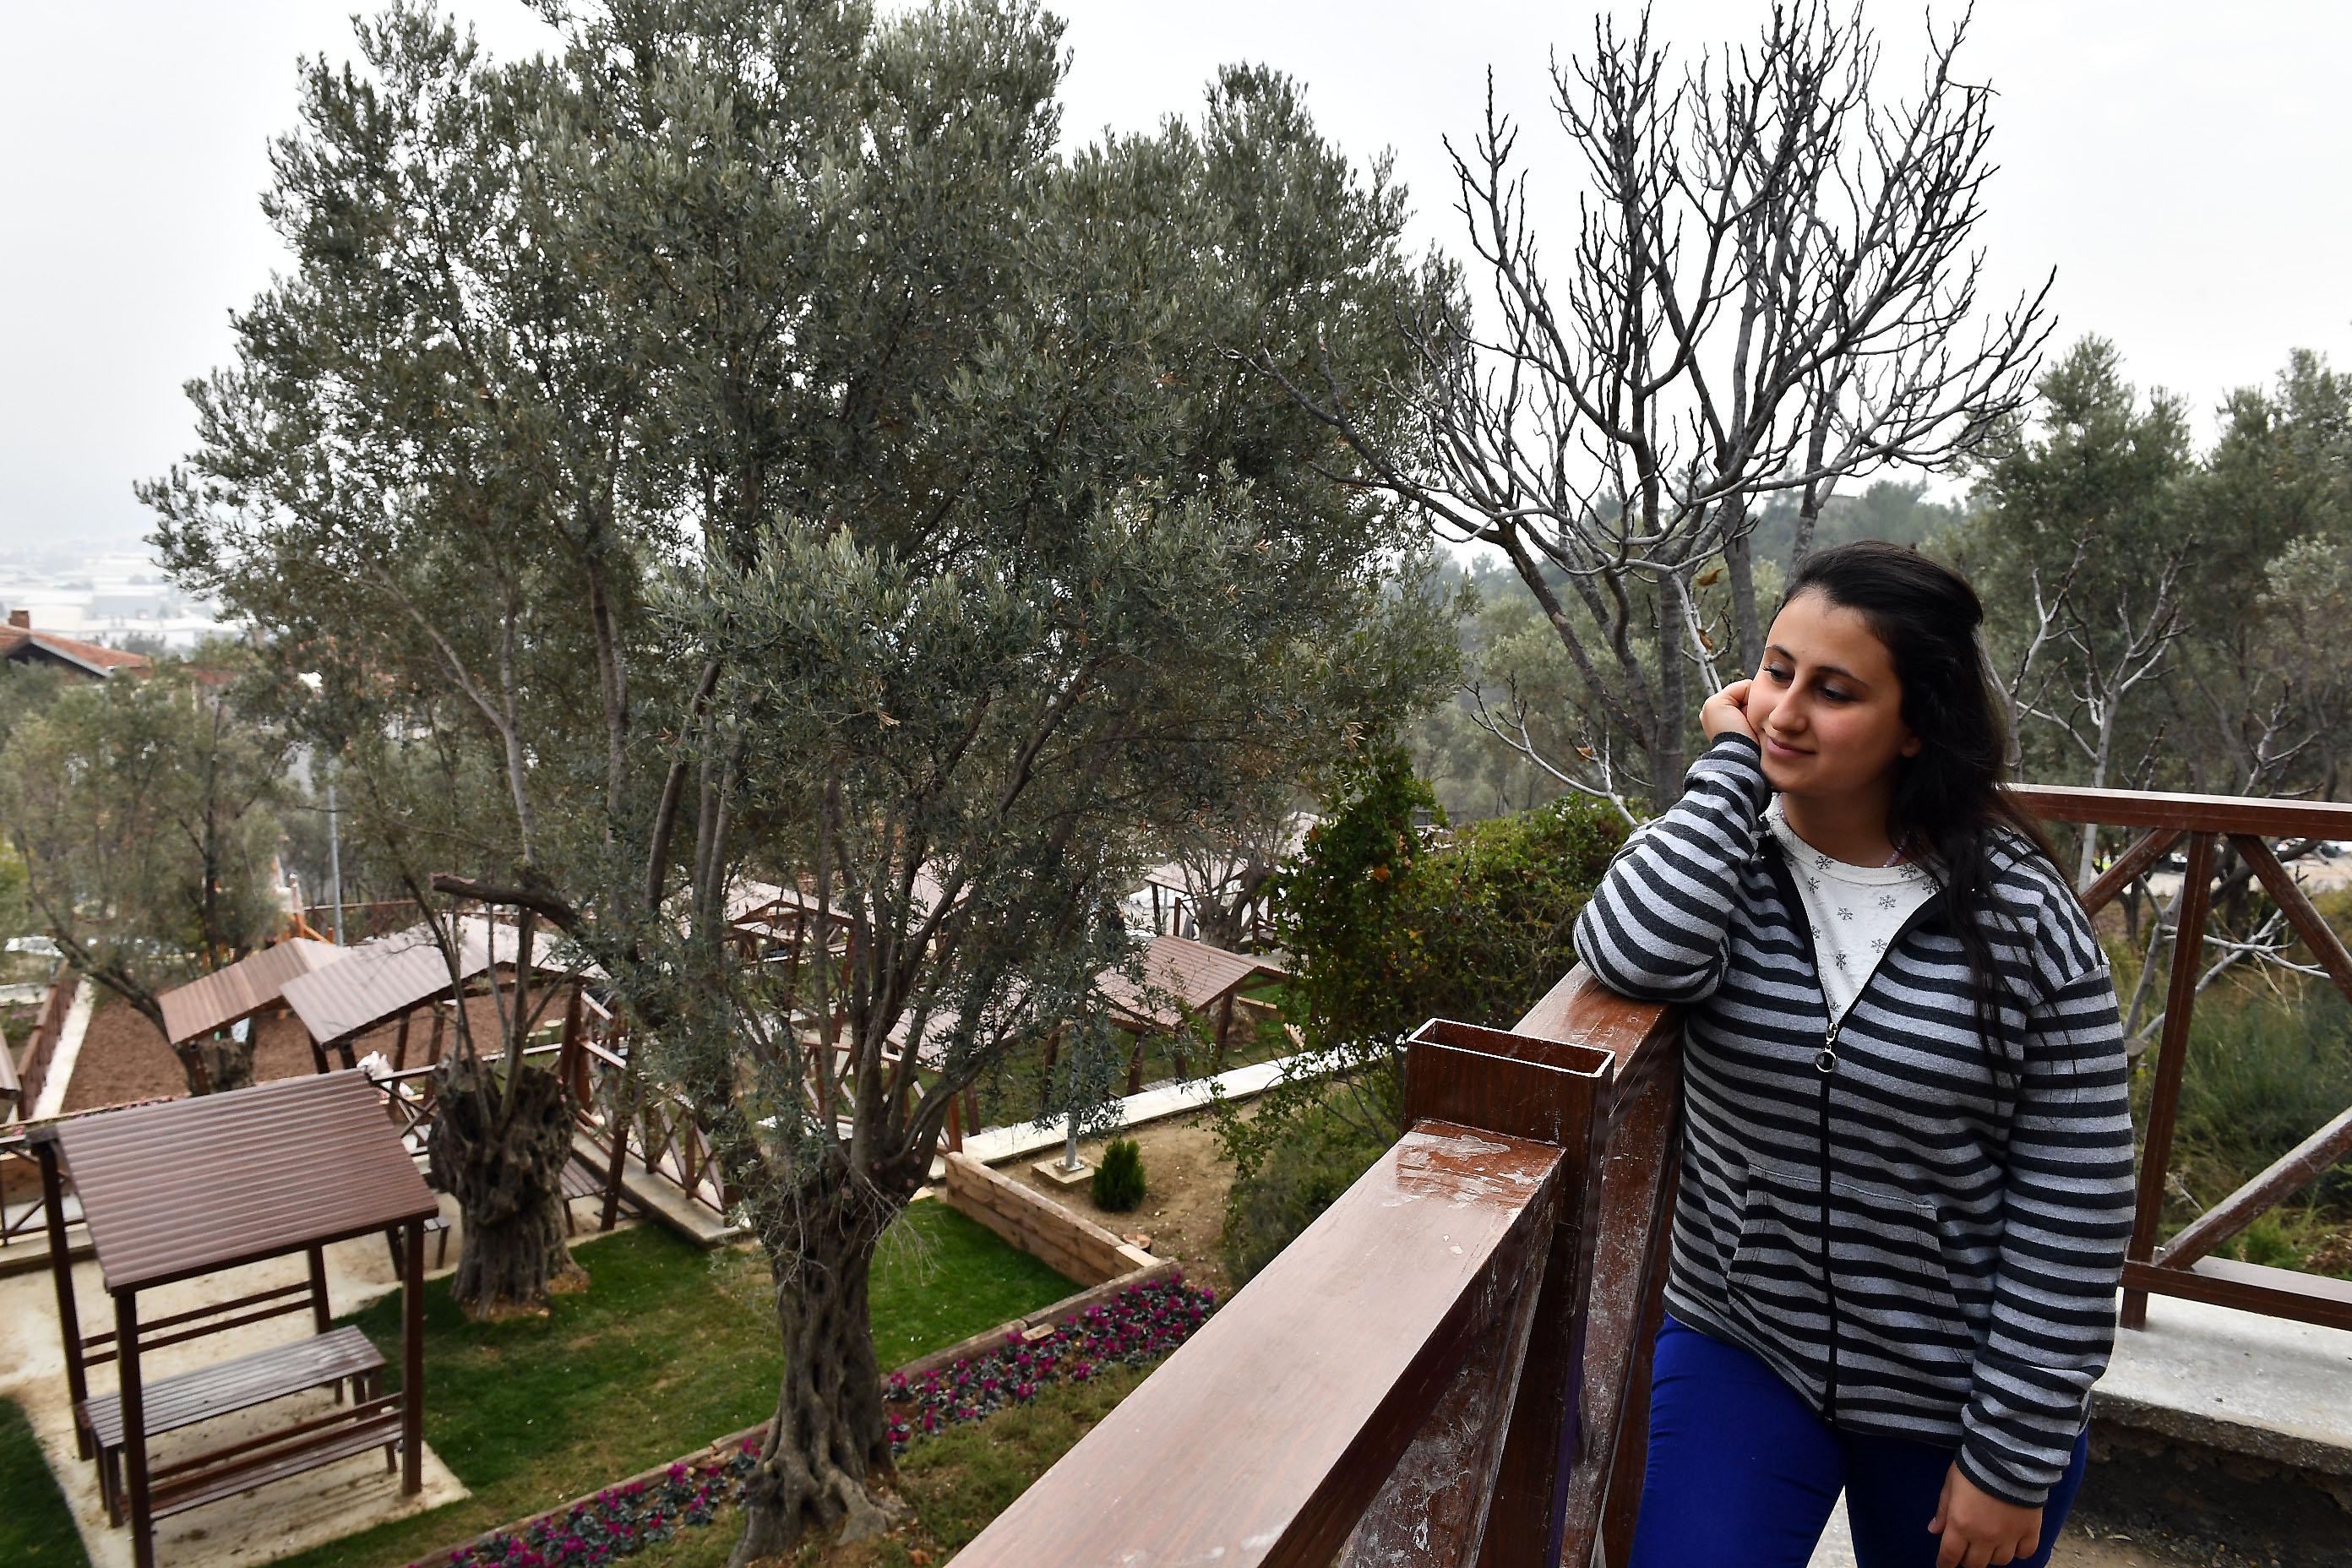 ce6e0edbd23e7 10 adet çeşme ve taşınabilir büfenin de yer alacağı Zeytin Park, bölge  sakinlerinin h er ihtiyacına cevap verebilecek.